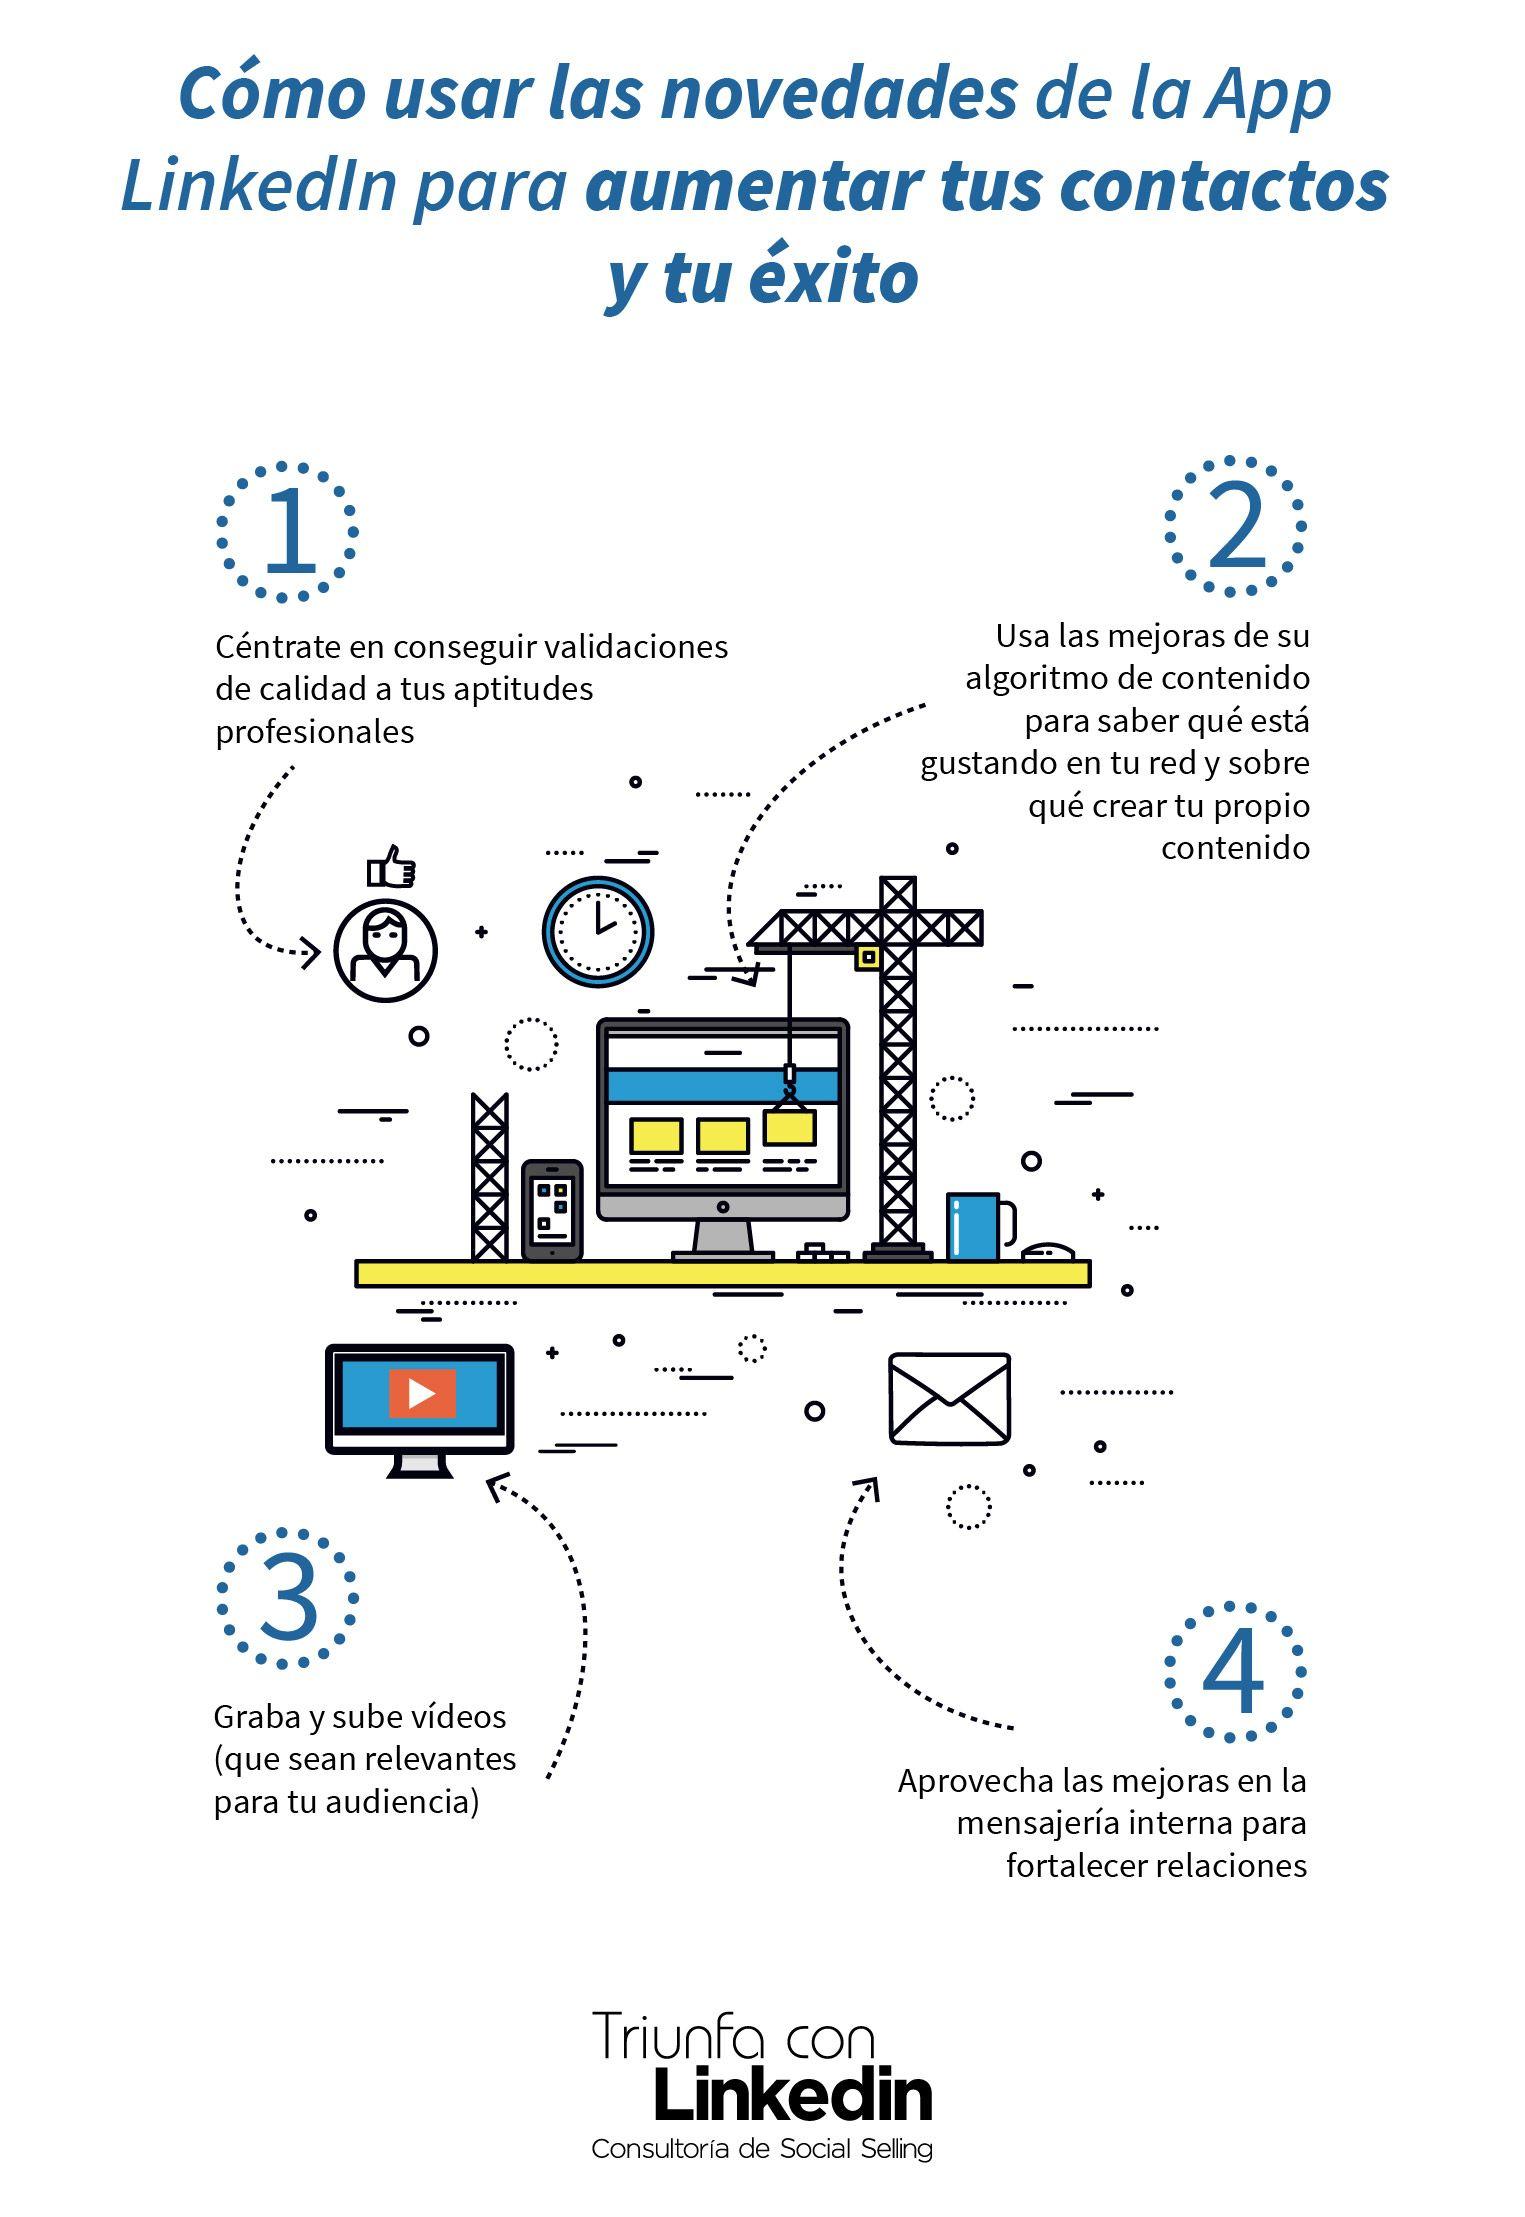 Cómo usar las novedades de la App LinkedIn - Infografía